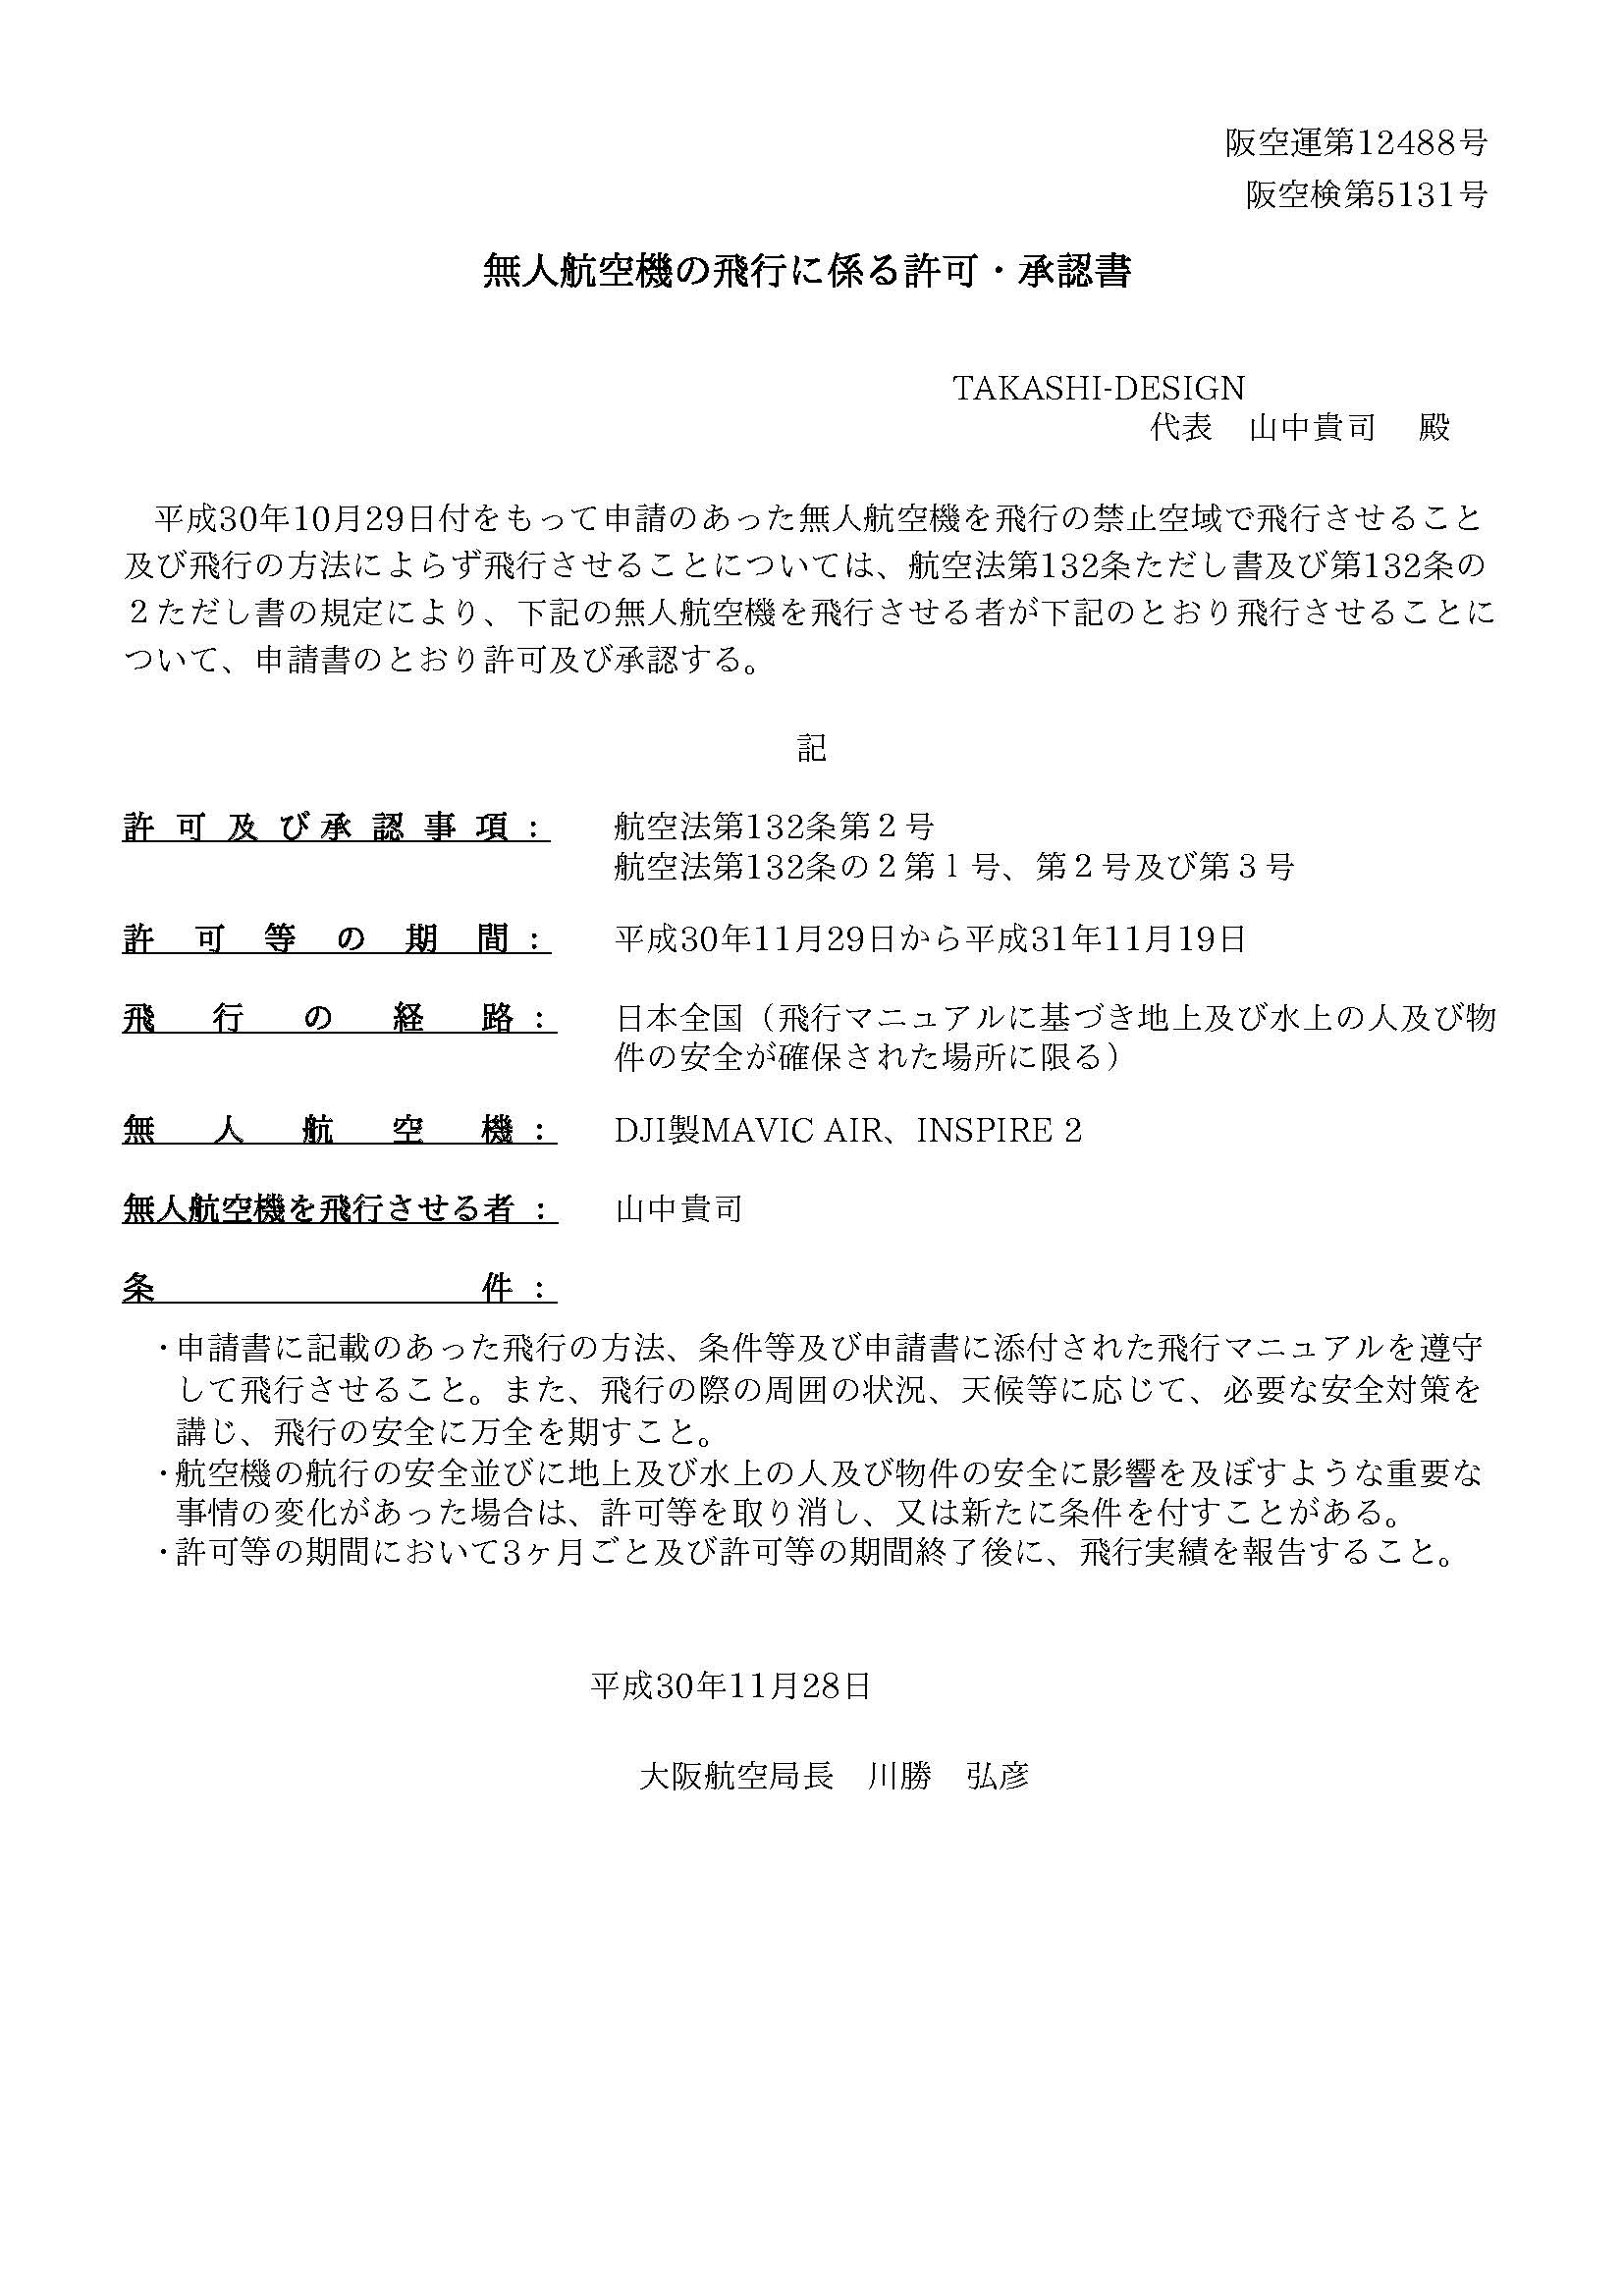 国交省の認定書